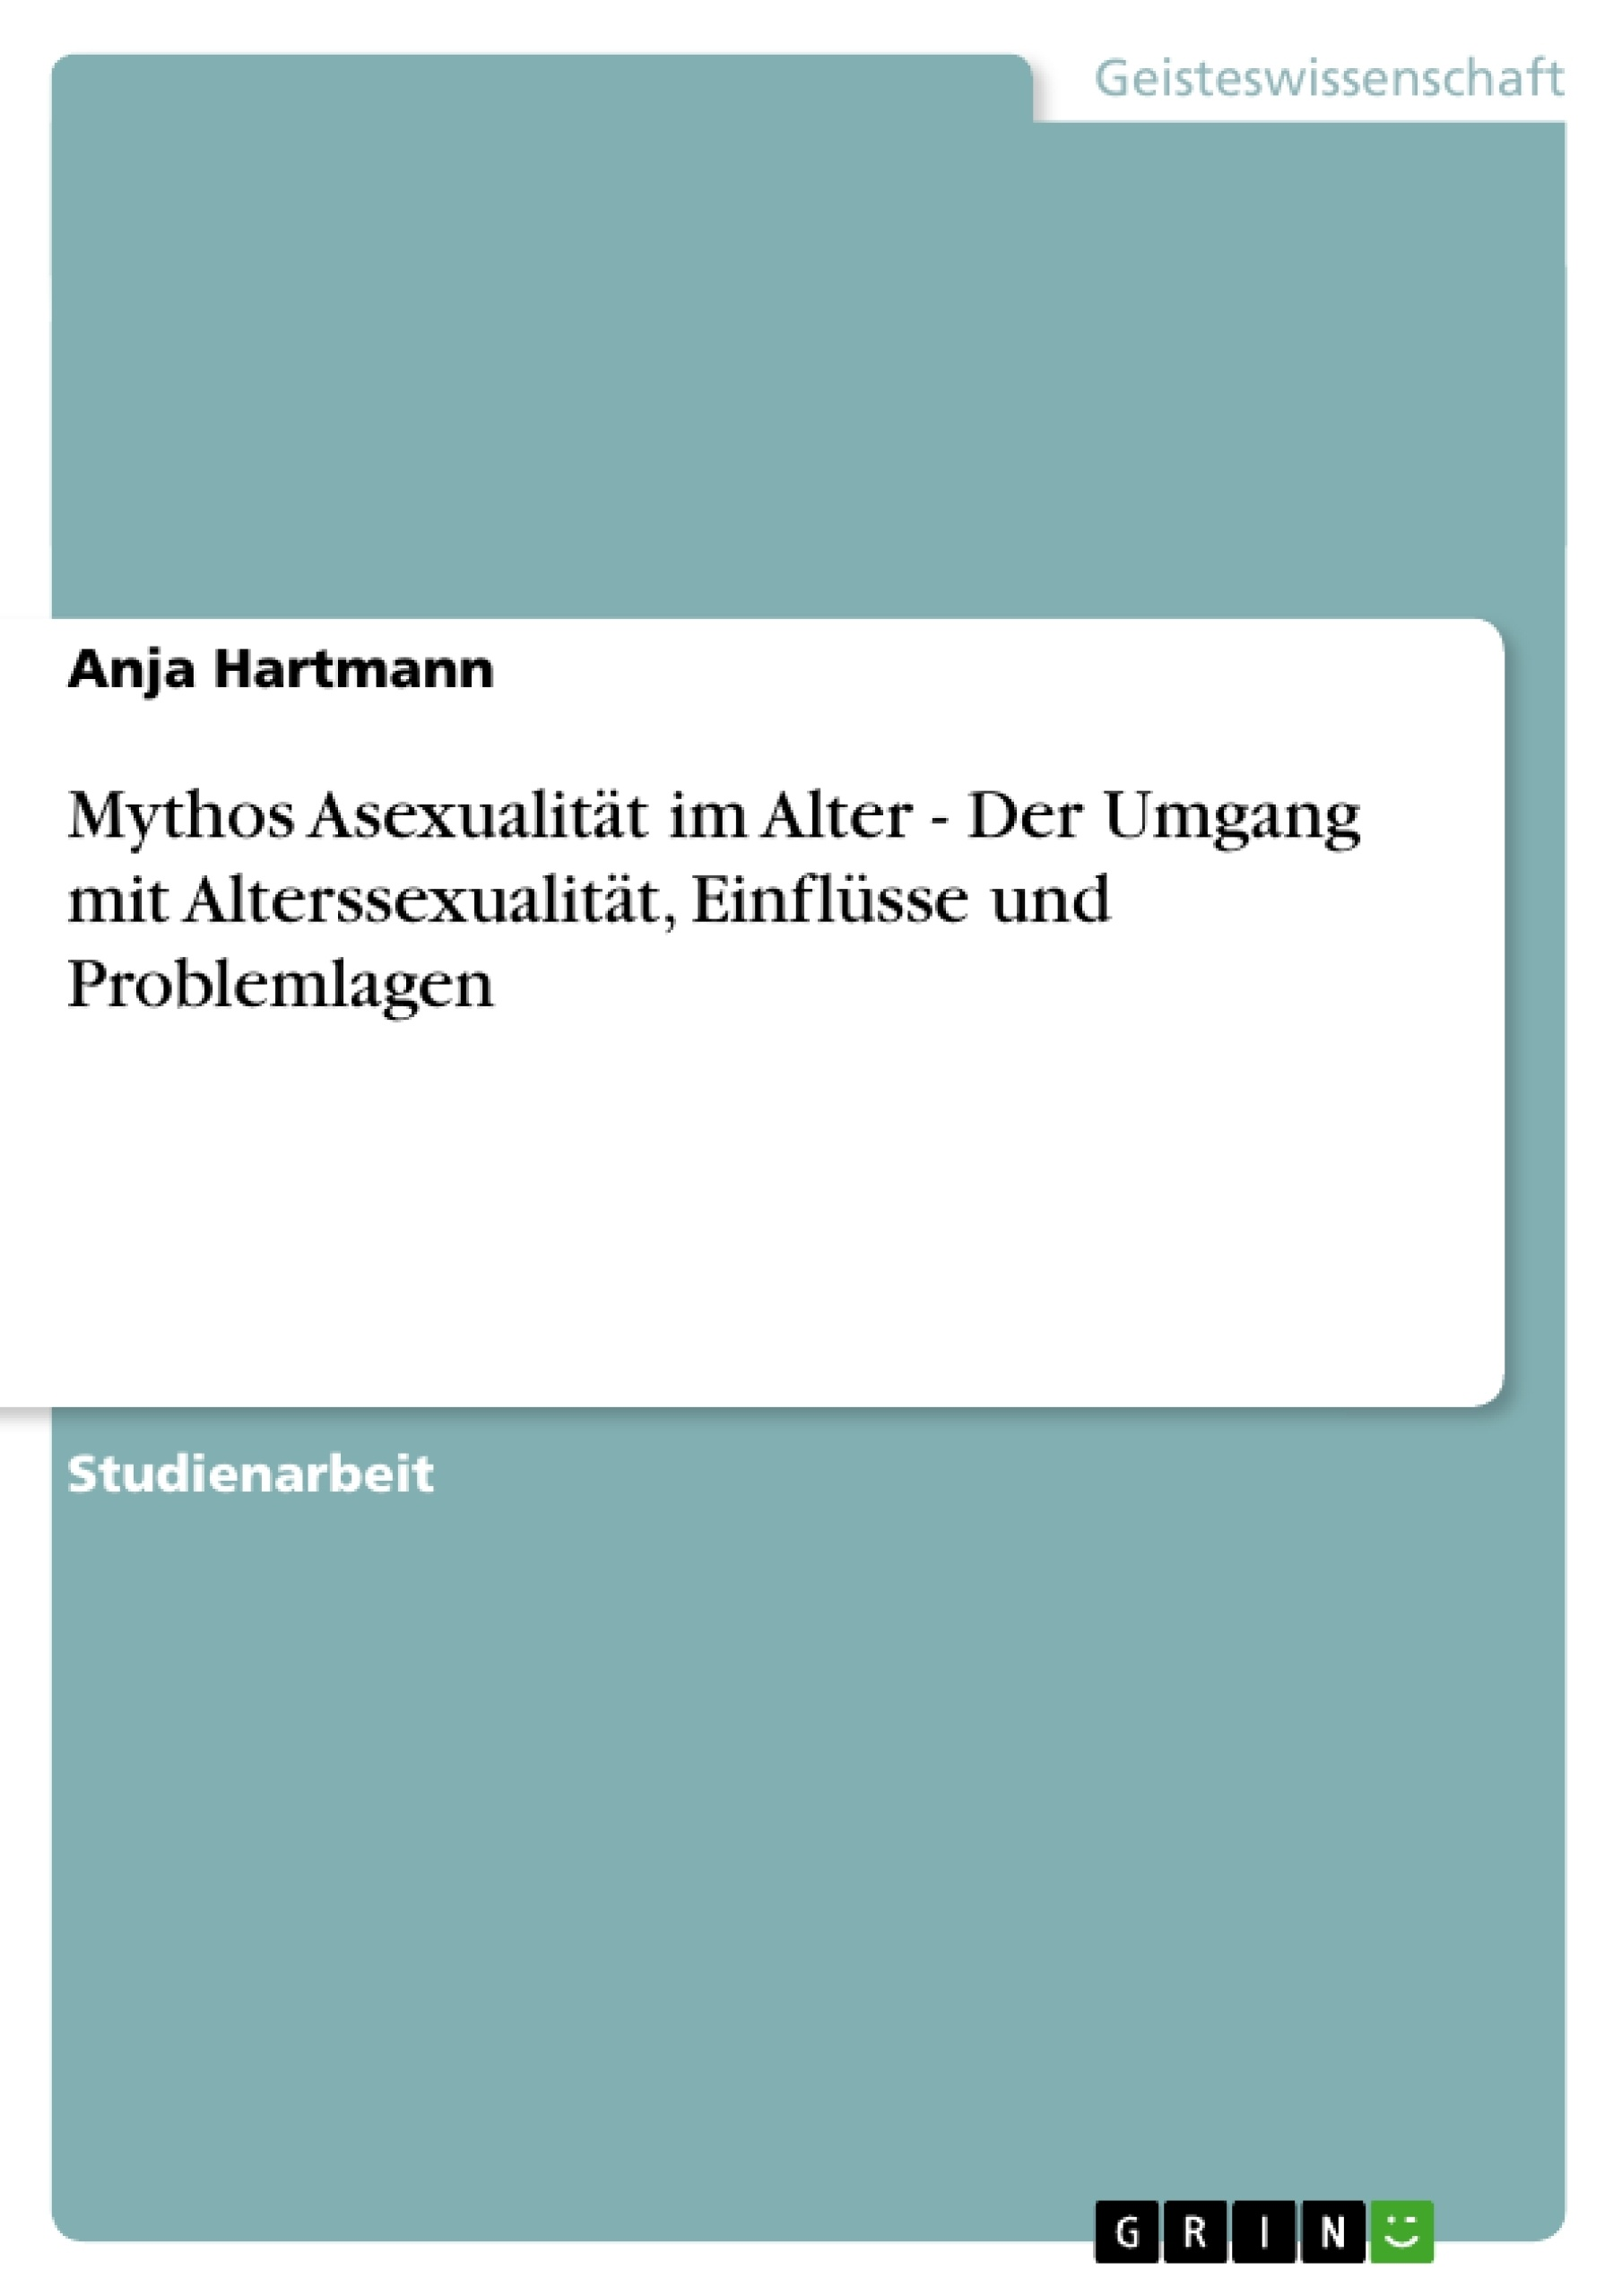 Titel: Mythos Asexualität im Alter - Der Umgang mit Alterssexualität, Einflüsse und Problemlagen